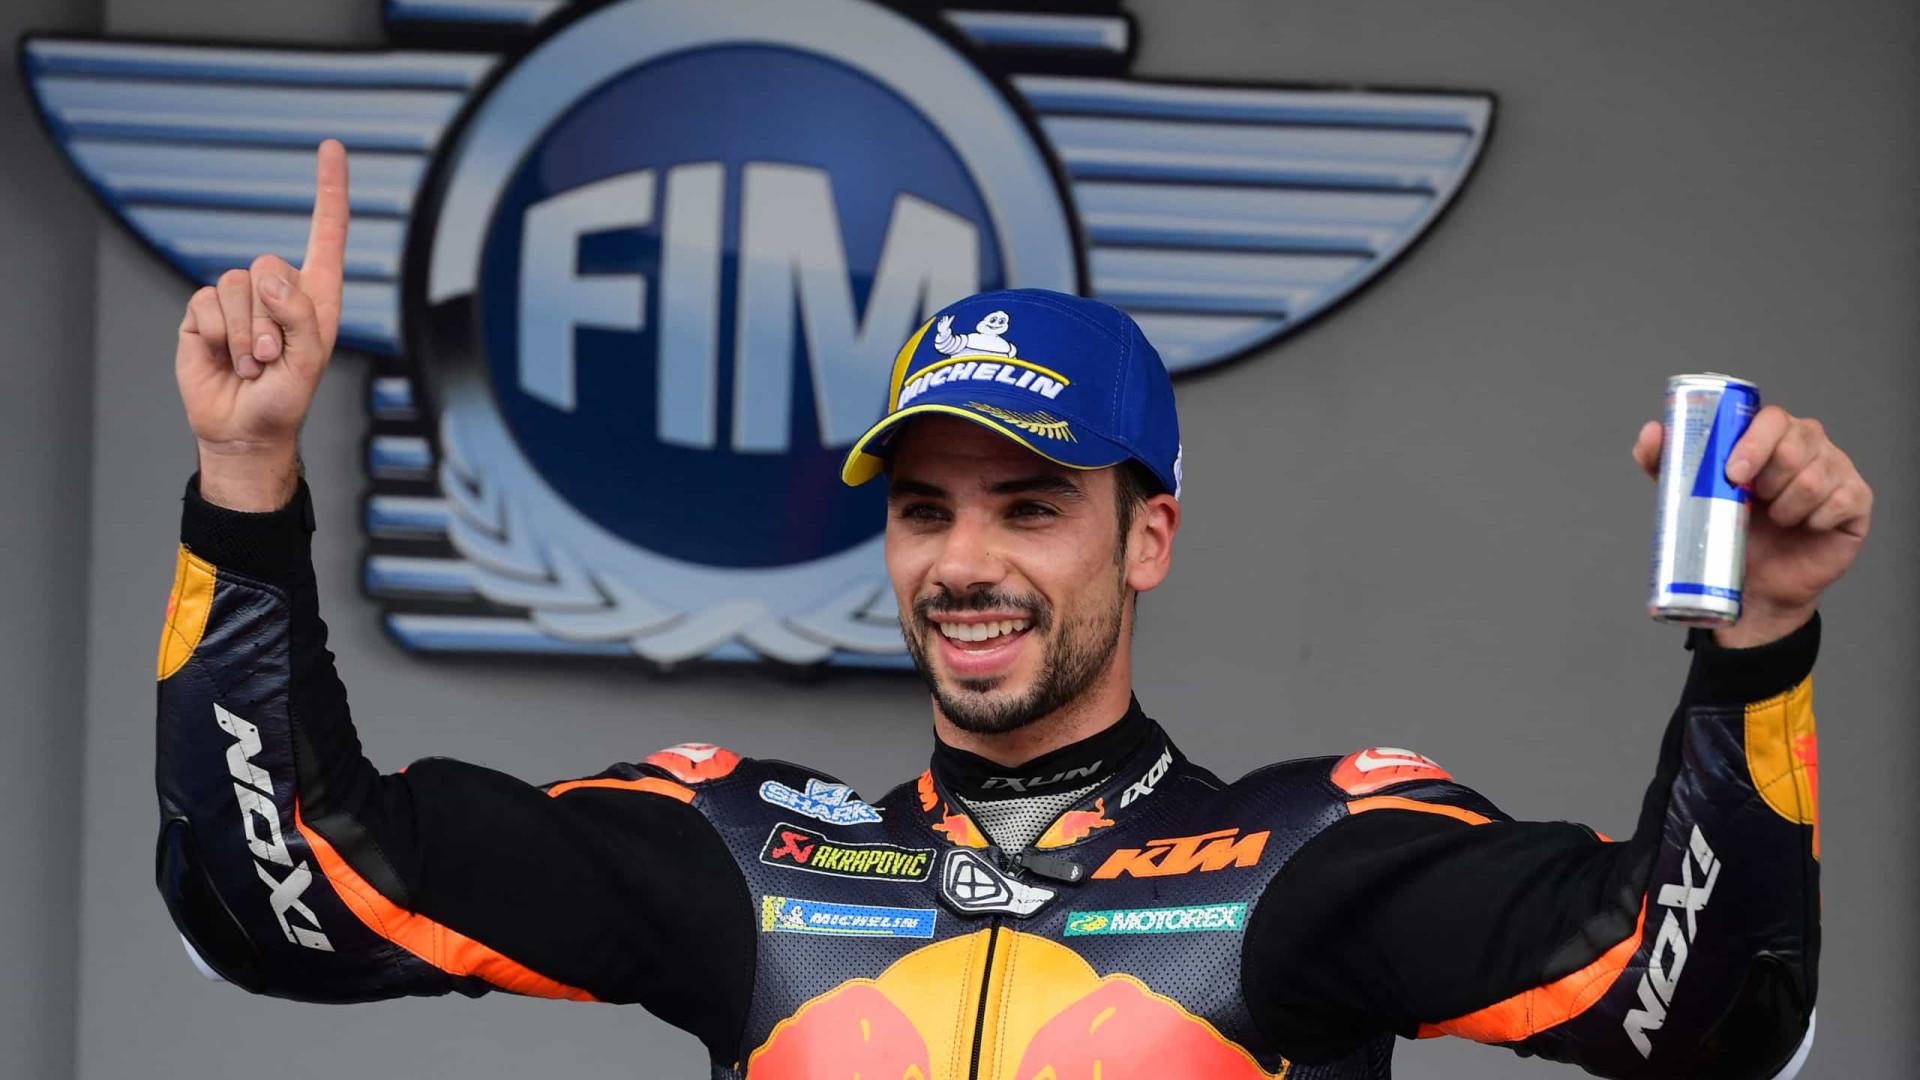 Português Miguel Oliveira vence pela primeira vez na temporada da MotoGP